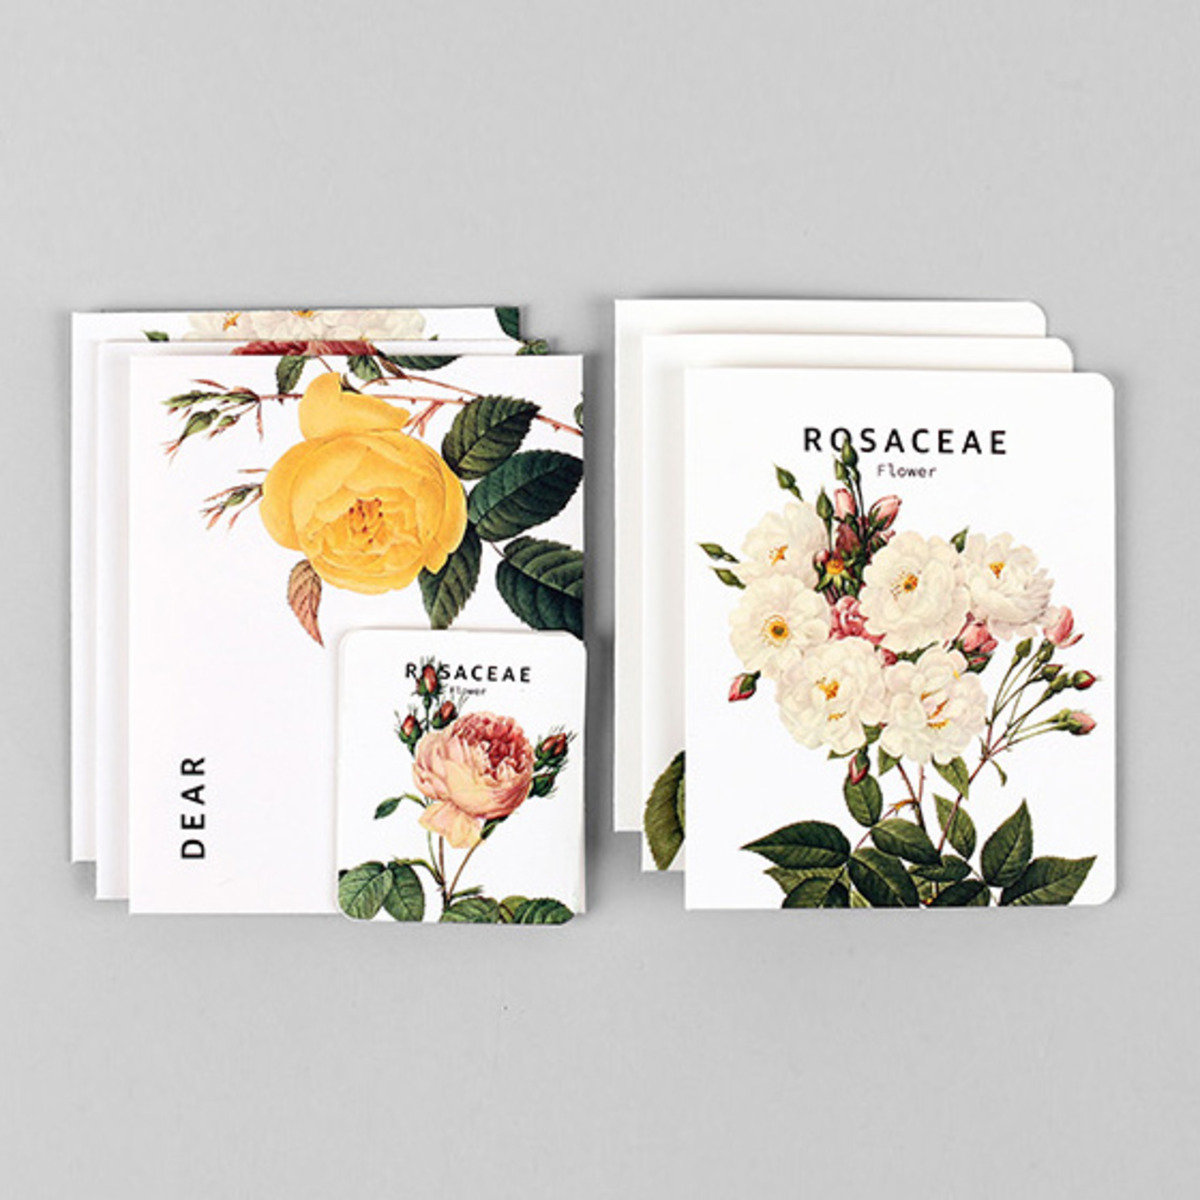 卡,信封,小卡套裝 08 Flower_nacoo_16961